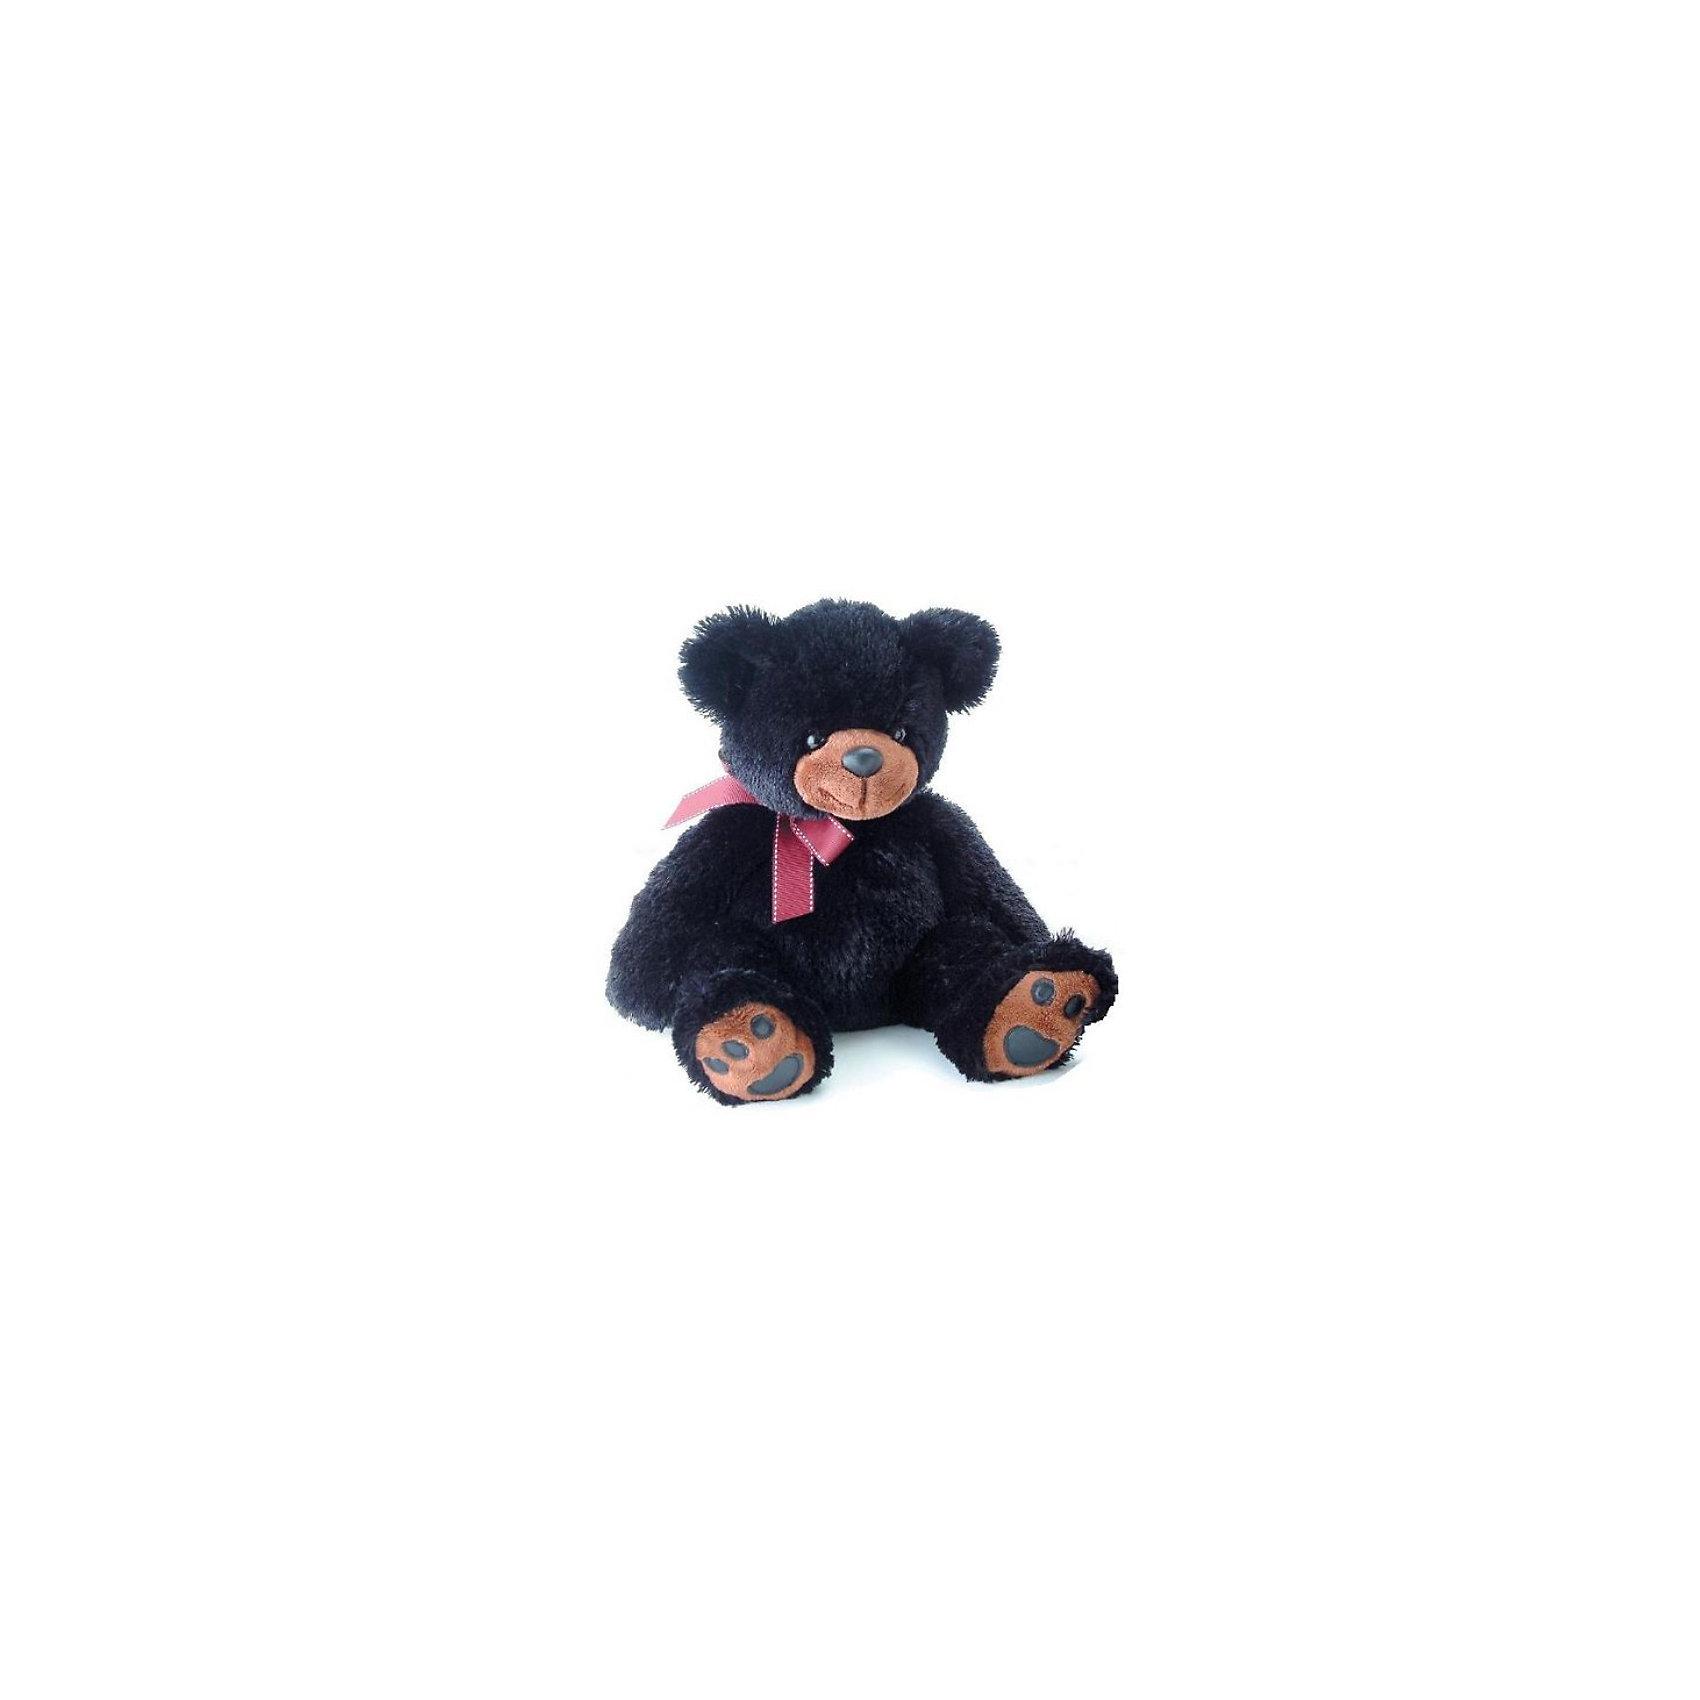 AURORA Мягкая игрушка  Медведь (чёрный), 70 смМягкие игрушки от 50 см<br>Плюшевый мишка с розовым бантом. <br><br>Игрушка изготовлена из экологически чистых материалов: высококачественного плюшa и гипoaллepгeнного cинтепoна. Не деформируется и не теряет внешний вид при машинной стирке.<br><br>Дополнительная информация:<br><br>Высота медведя: 70 см.<br><br>Ширина мм: 250<br>Глубина мм: 210<br>Высота мм: 500<br>Вес г: 1355<br>Возраст от месяцев: 24<br>Возраст до месяцев: 120<br>Пол: Унисекс<br>Возраст: Детский<br>SKU: 2147580